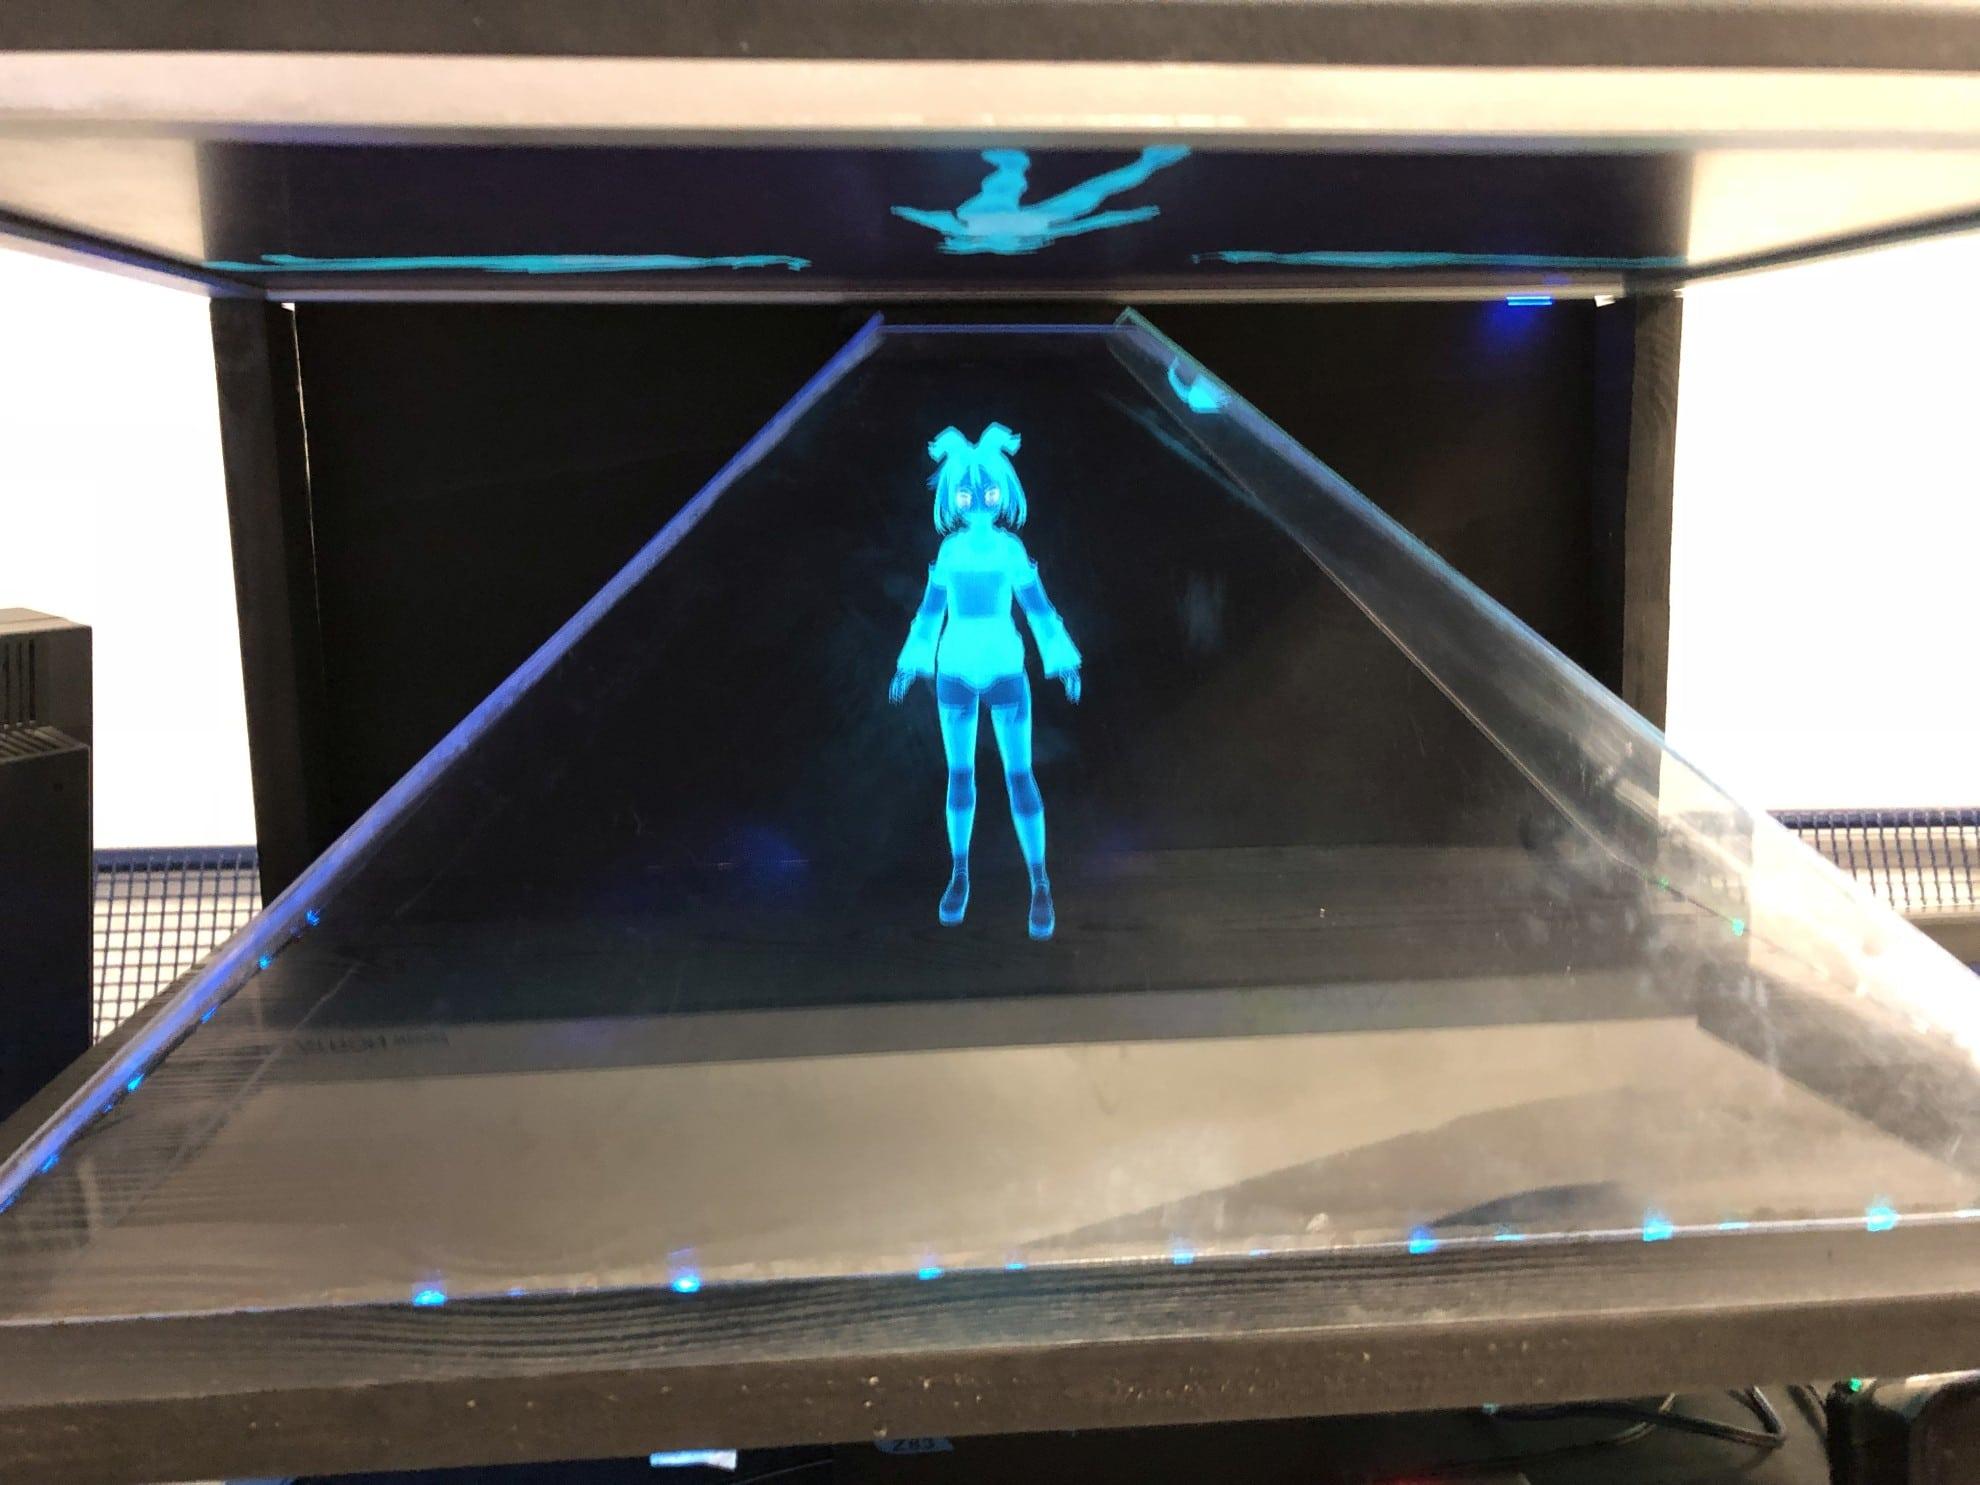 Alexa Holographic Appliance: Sprachassistentin als Hologramm